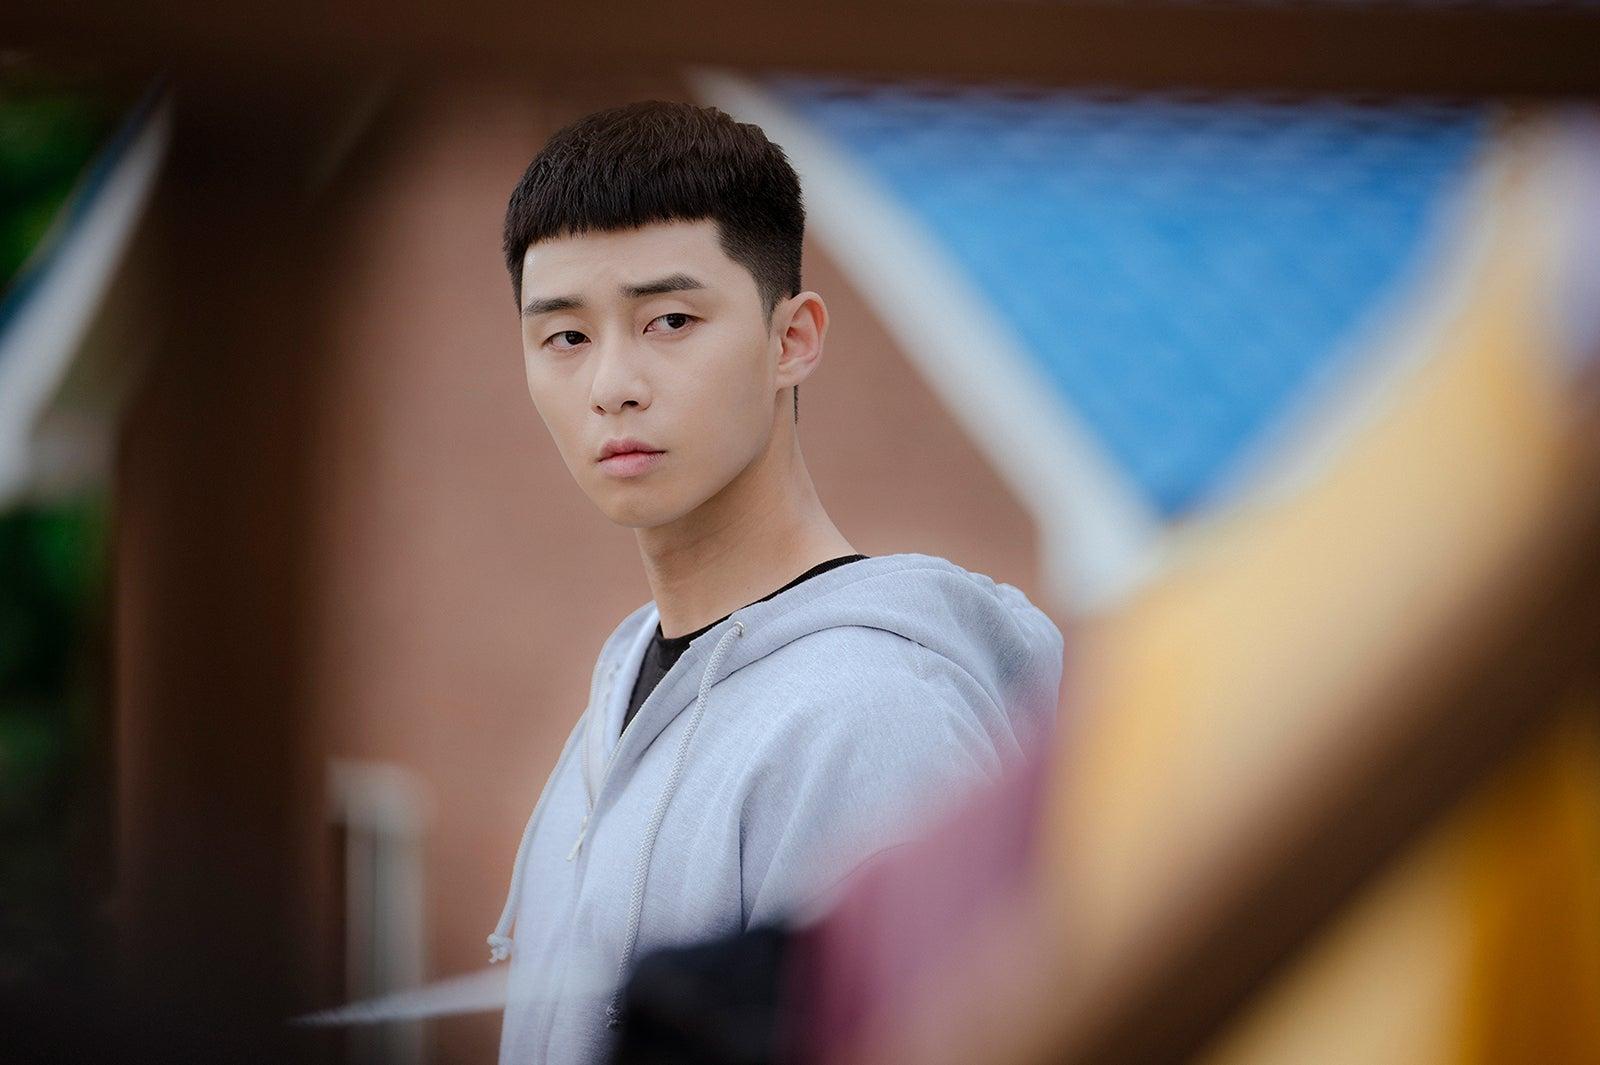 俳優 韓国 人気